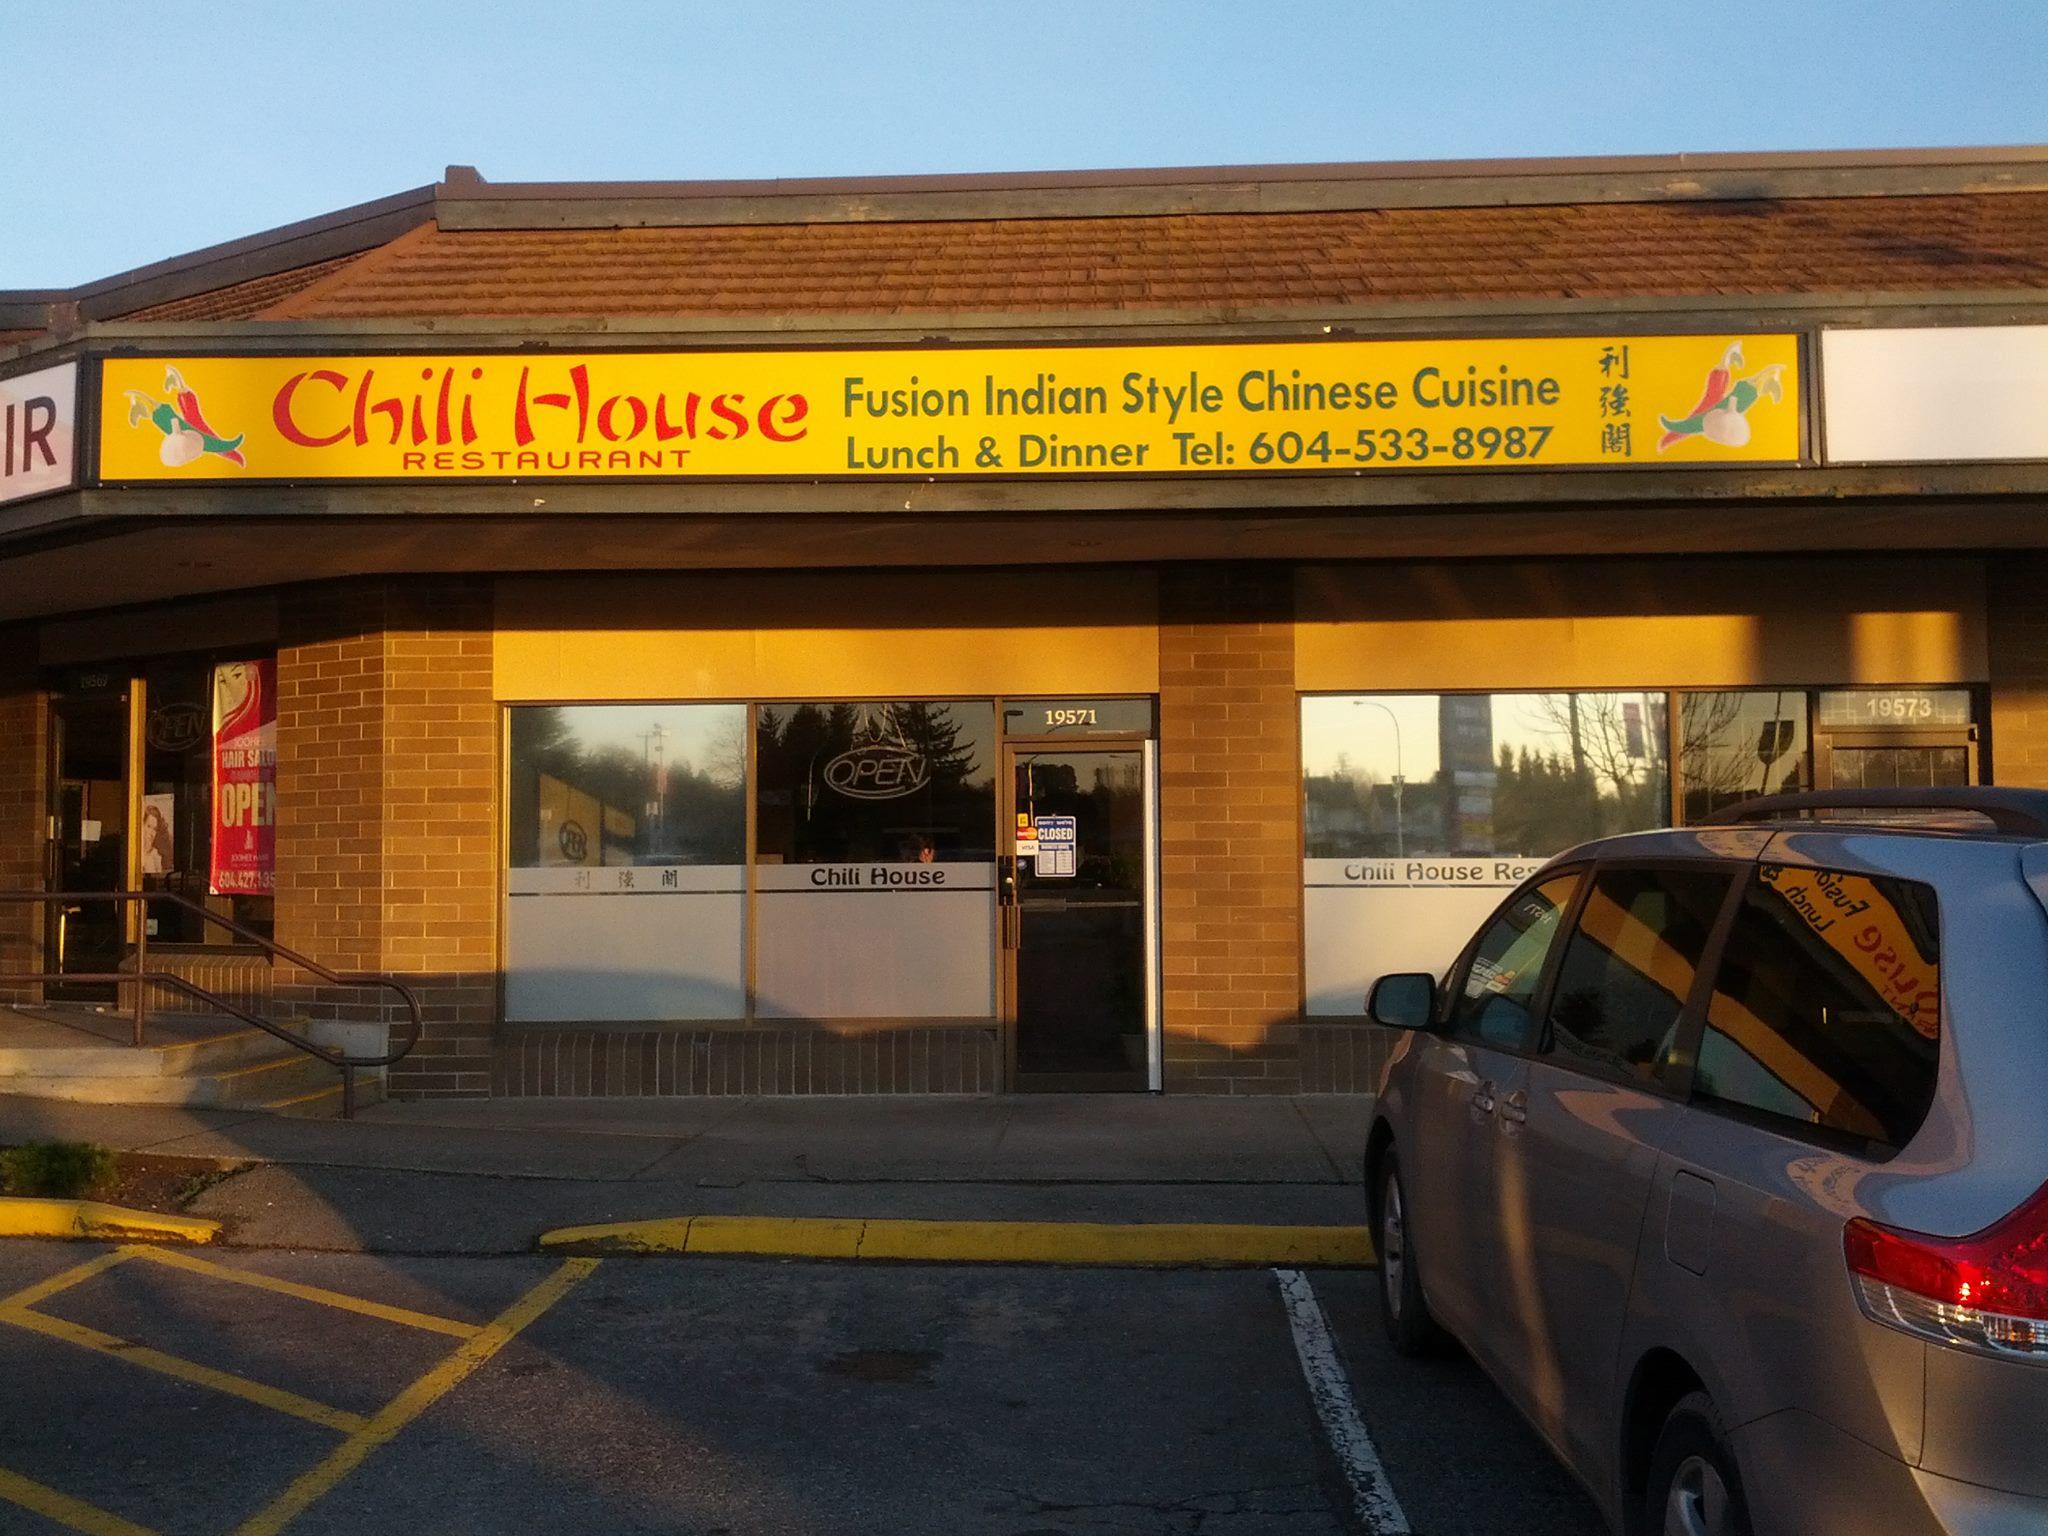 Chili House Restaurant logo